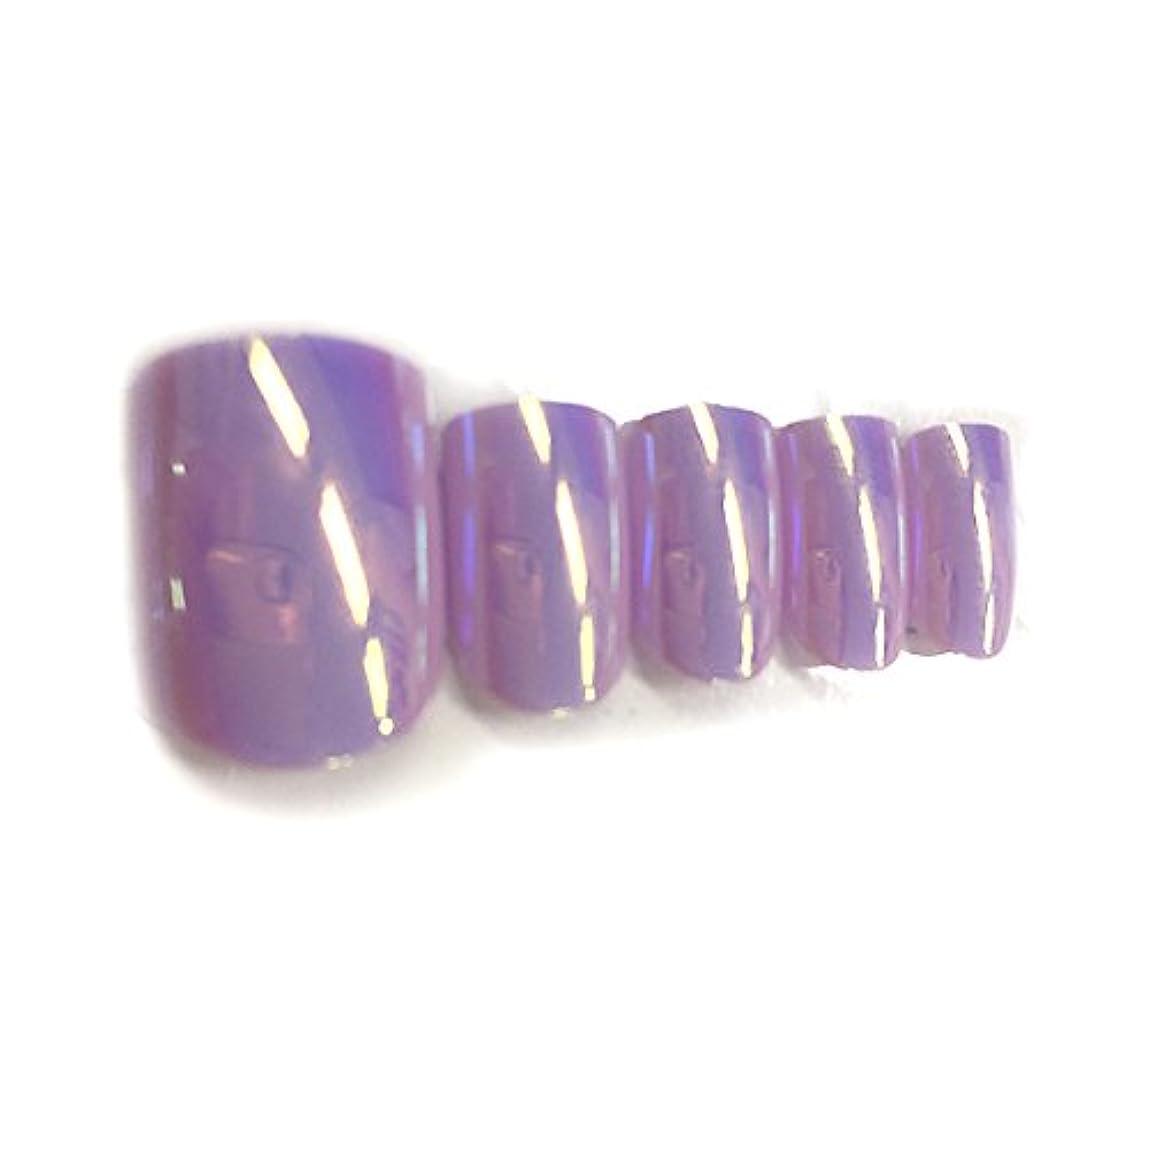 販売計画贅沢なアソシエイト< OMD > Feel soft Nail tip No.6 パステルパープル (84枚入り) [ ペディキュアチップ ペディチップ ペディキュアネイルチップ ミラーチップ 足用ネイルチップ フットネイルチップ 親指 足 ネイルチップ ネイルシール ペディキュア チップ シール つけ爪 付け爪 ]